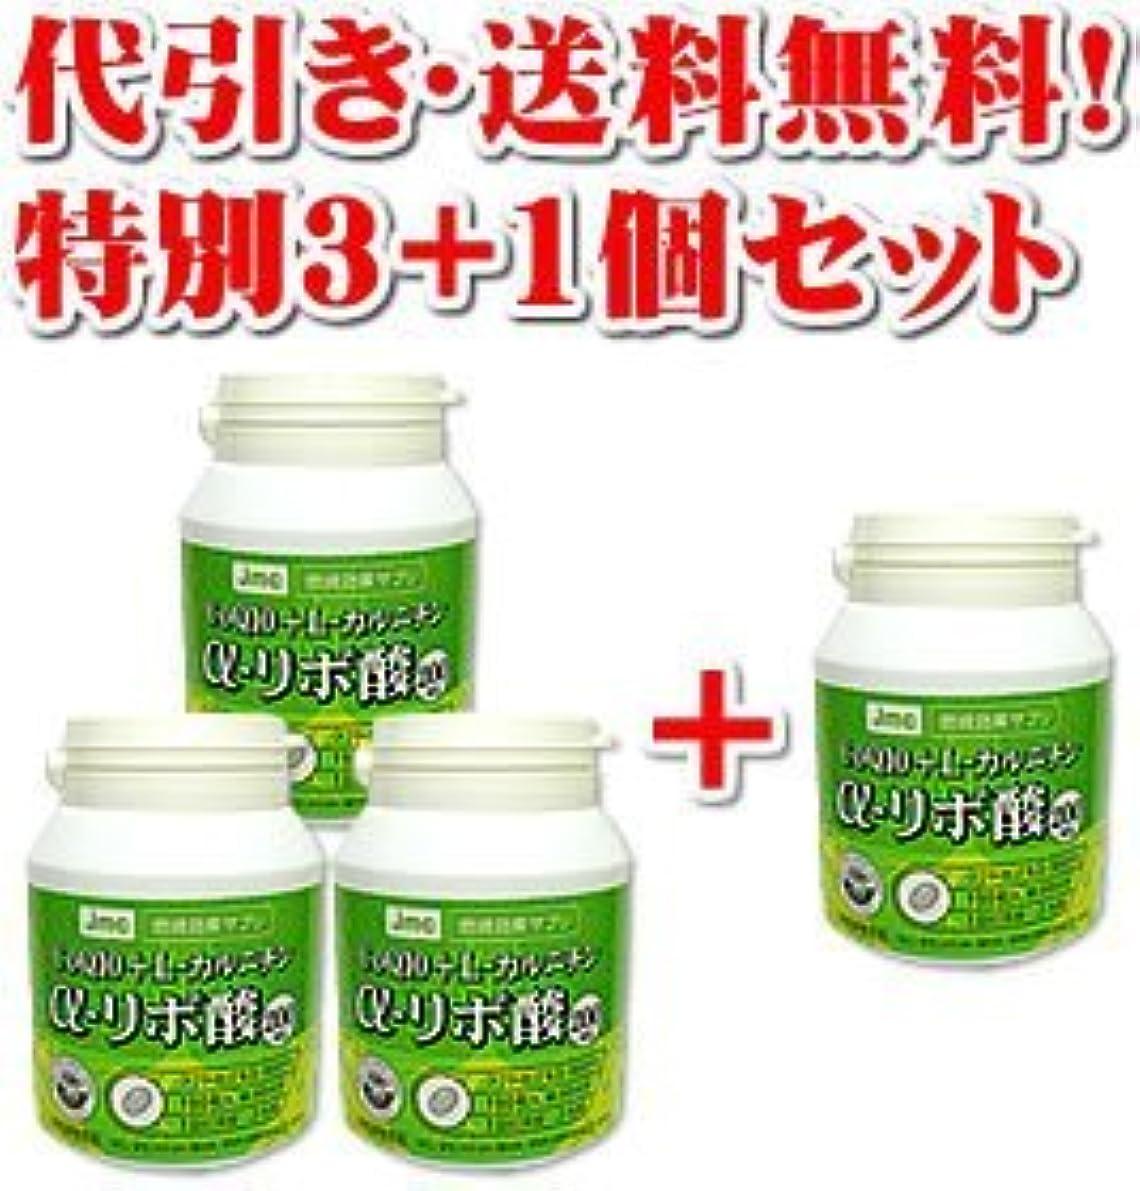 旅客血まみれの資格情報α-リポ酸200mg(ダイエットの4大成分を1粒に凝縮)4個セット